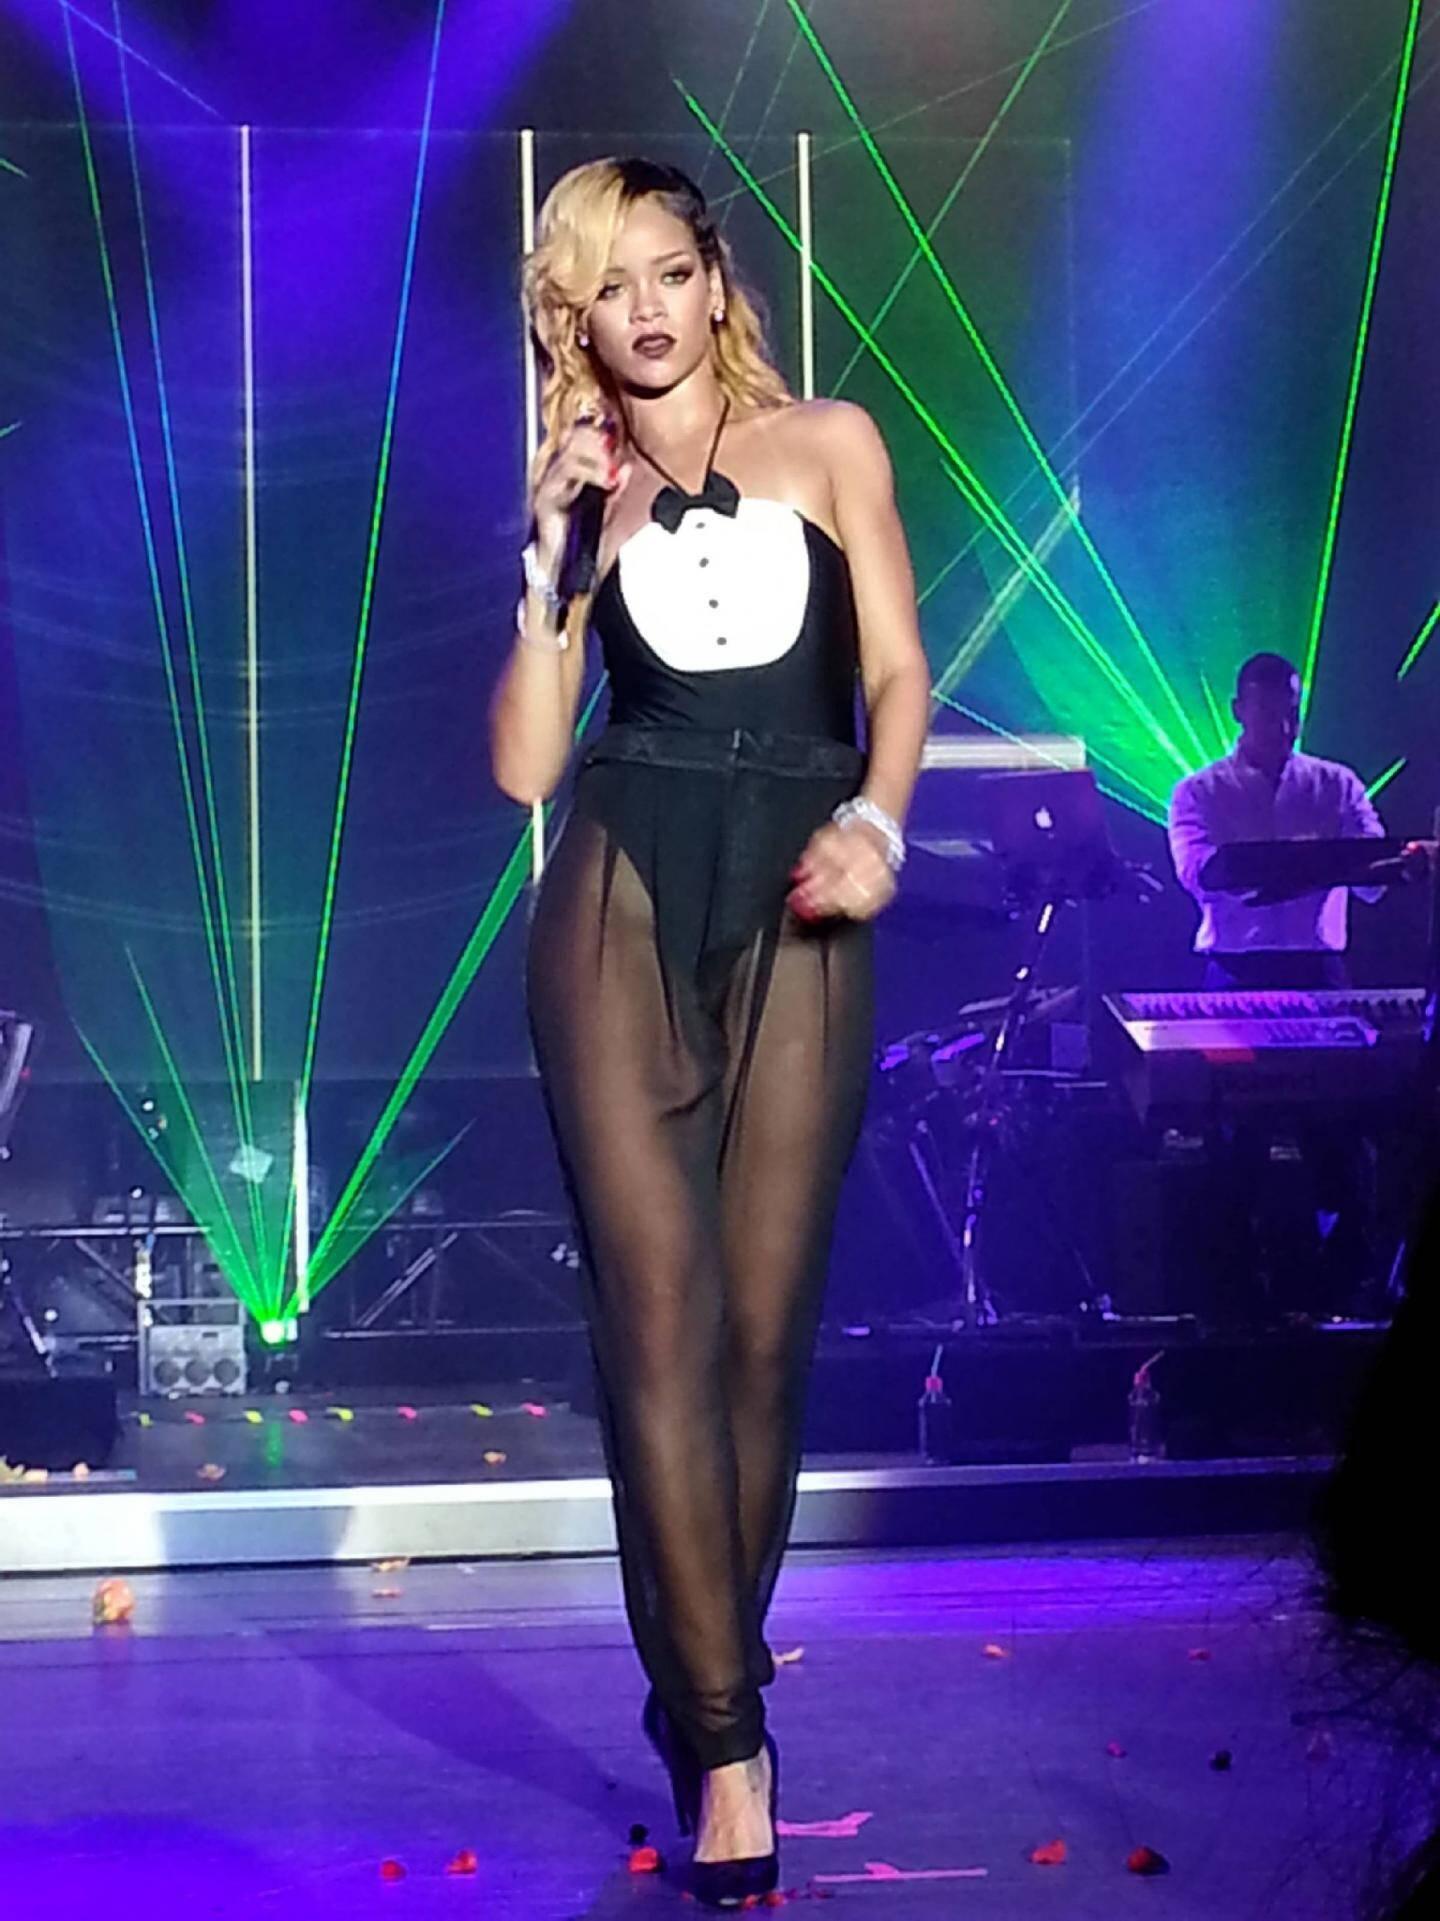 La star du R'n'B Rihanna s'est offert deux soirées au Sporting, imposant les lieux parmi les incontournables de la planète.